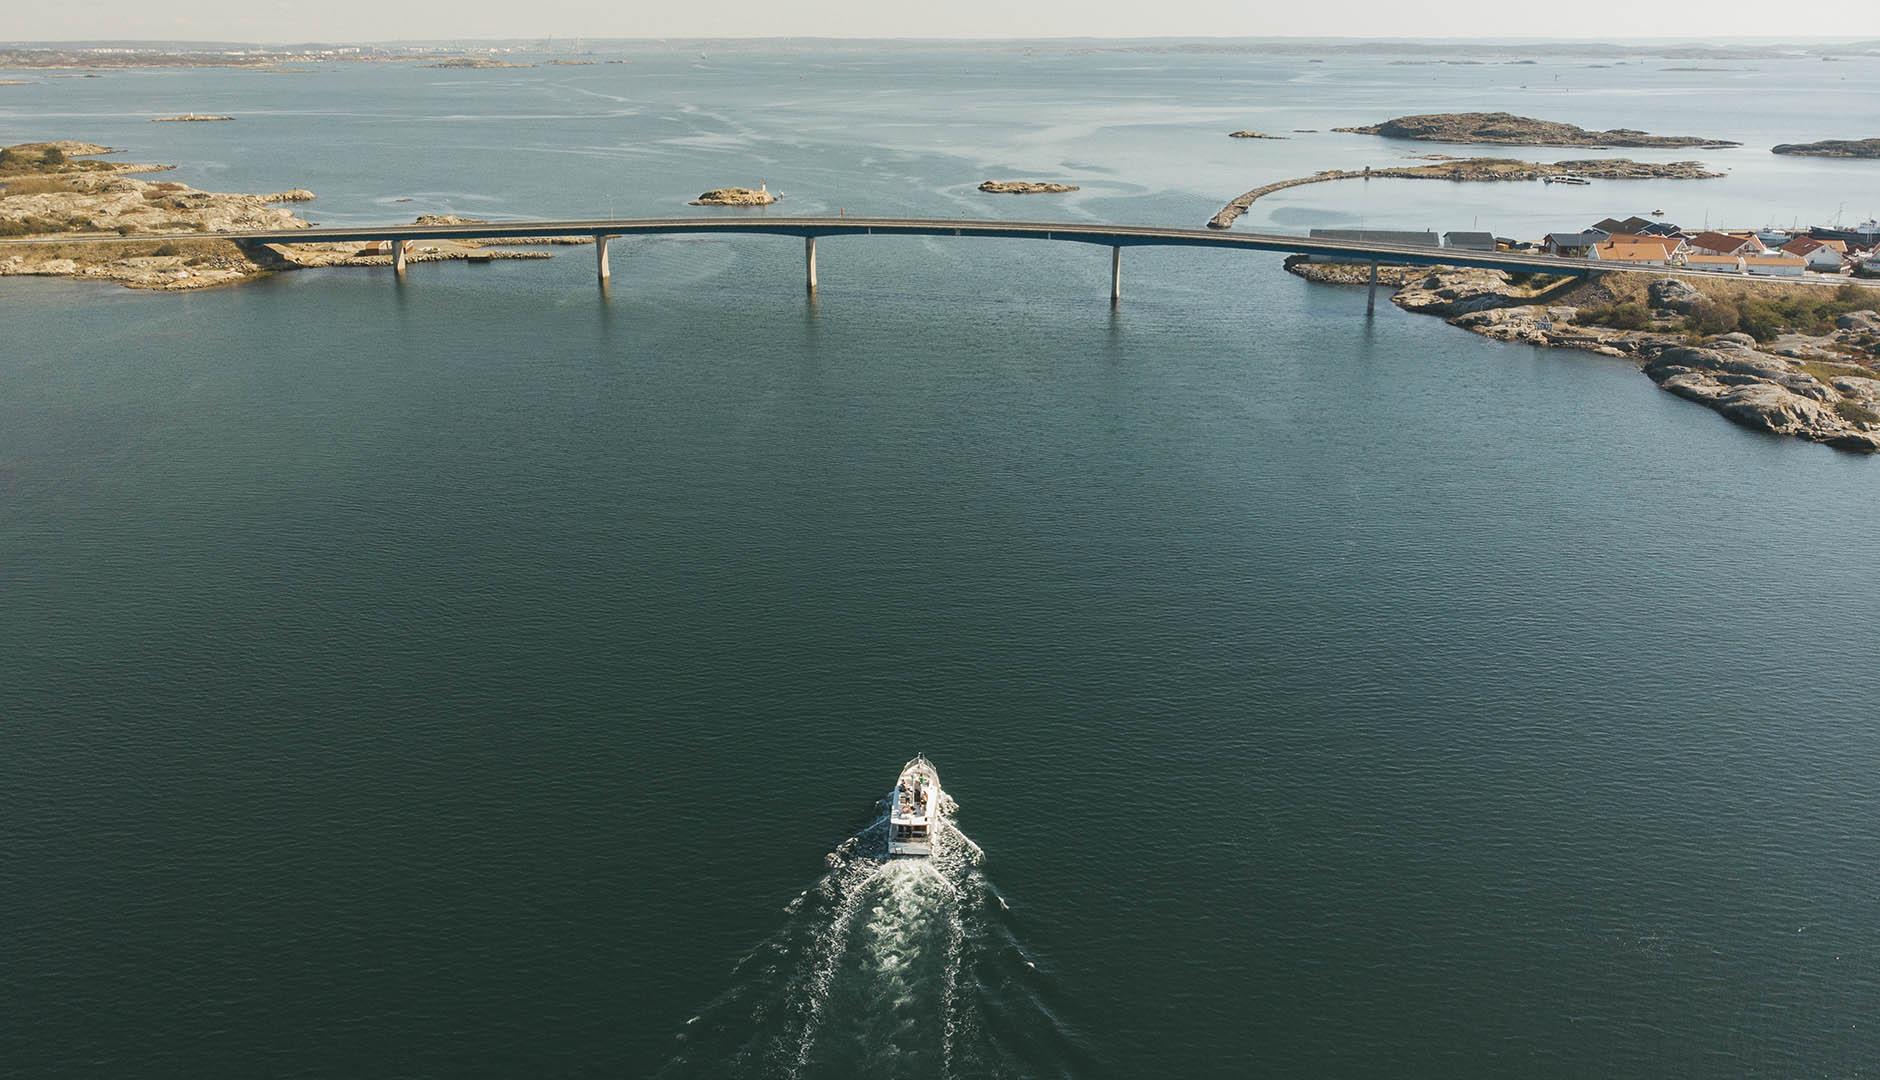 Fritidsbåt på väg att passera bro